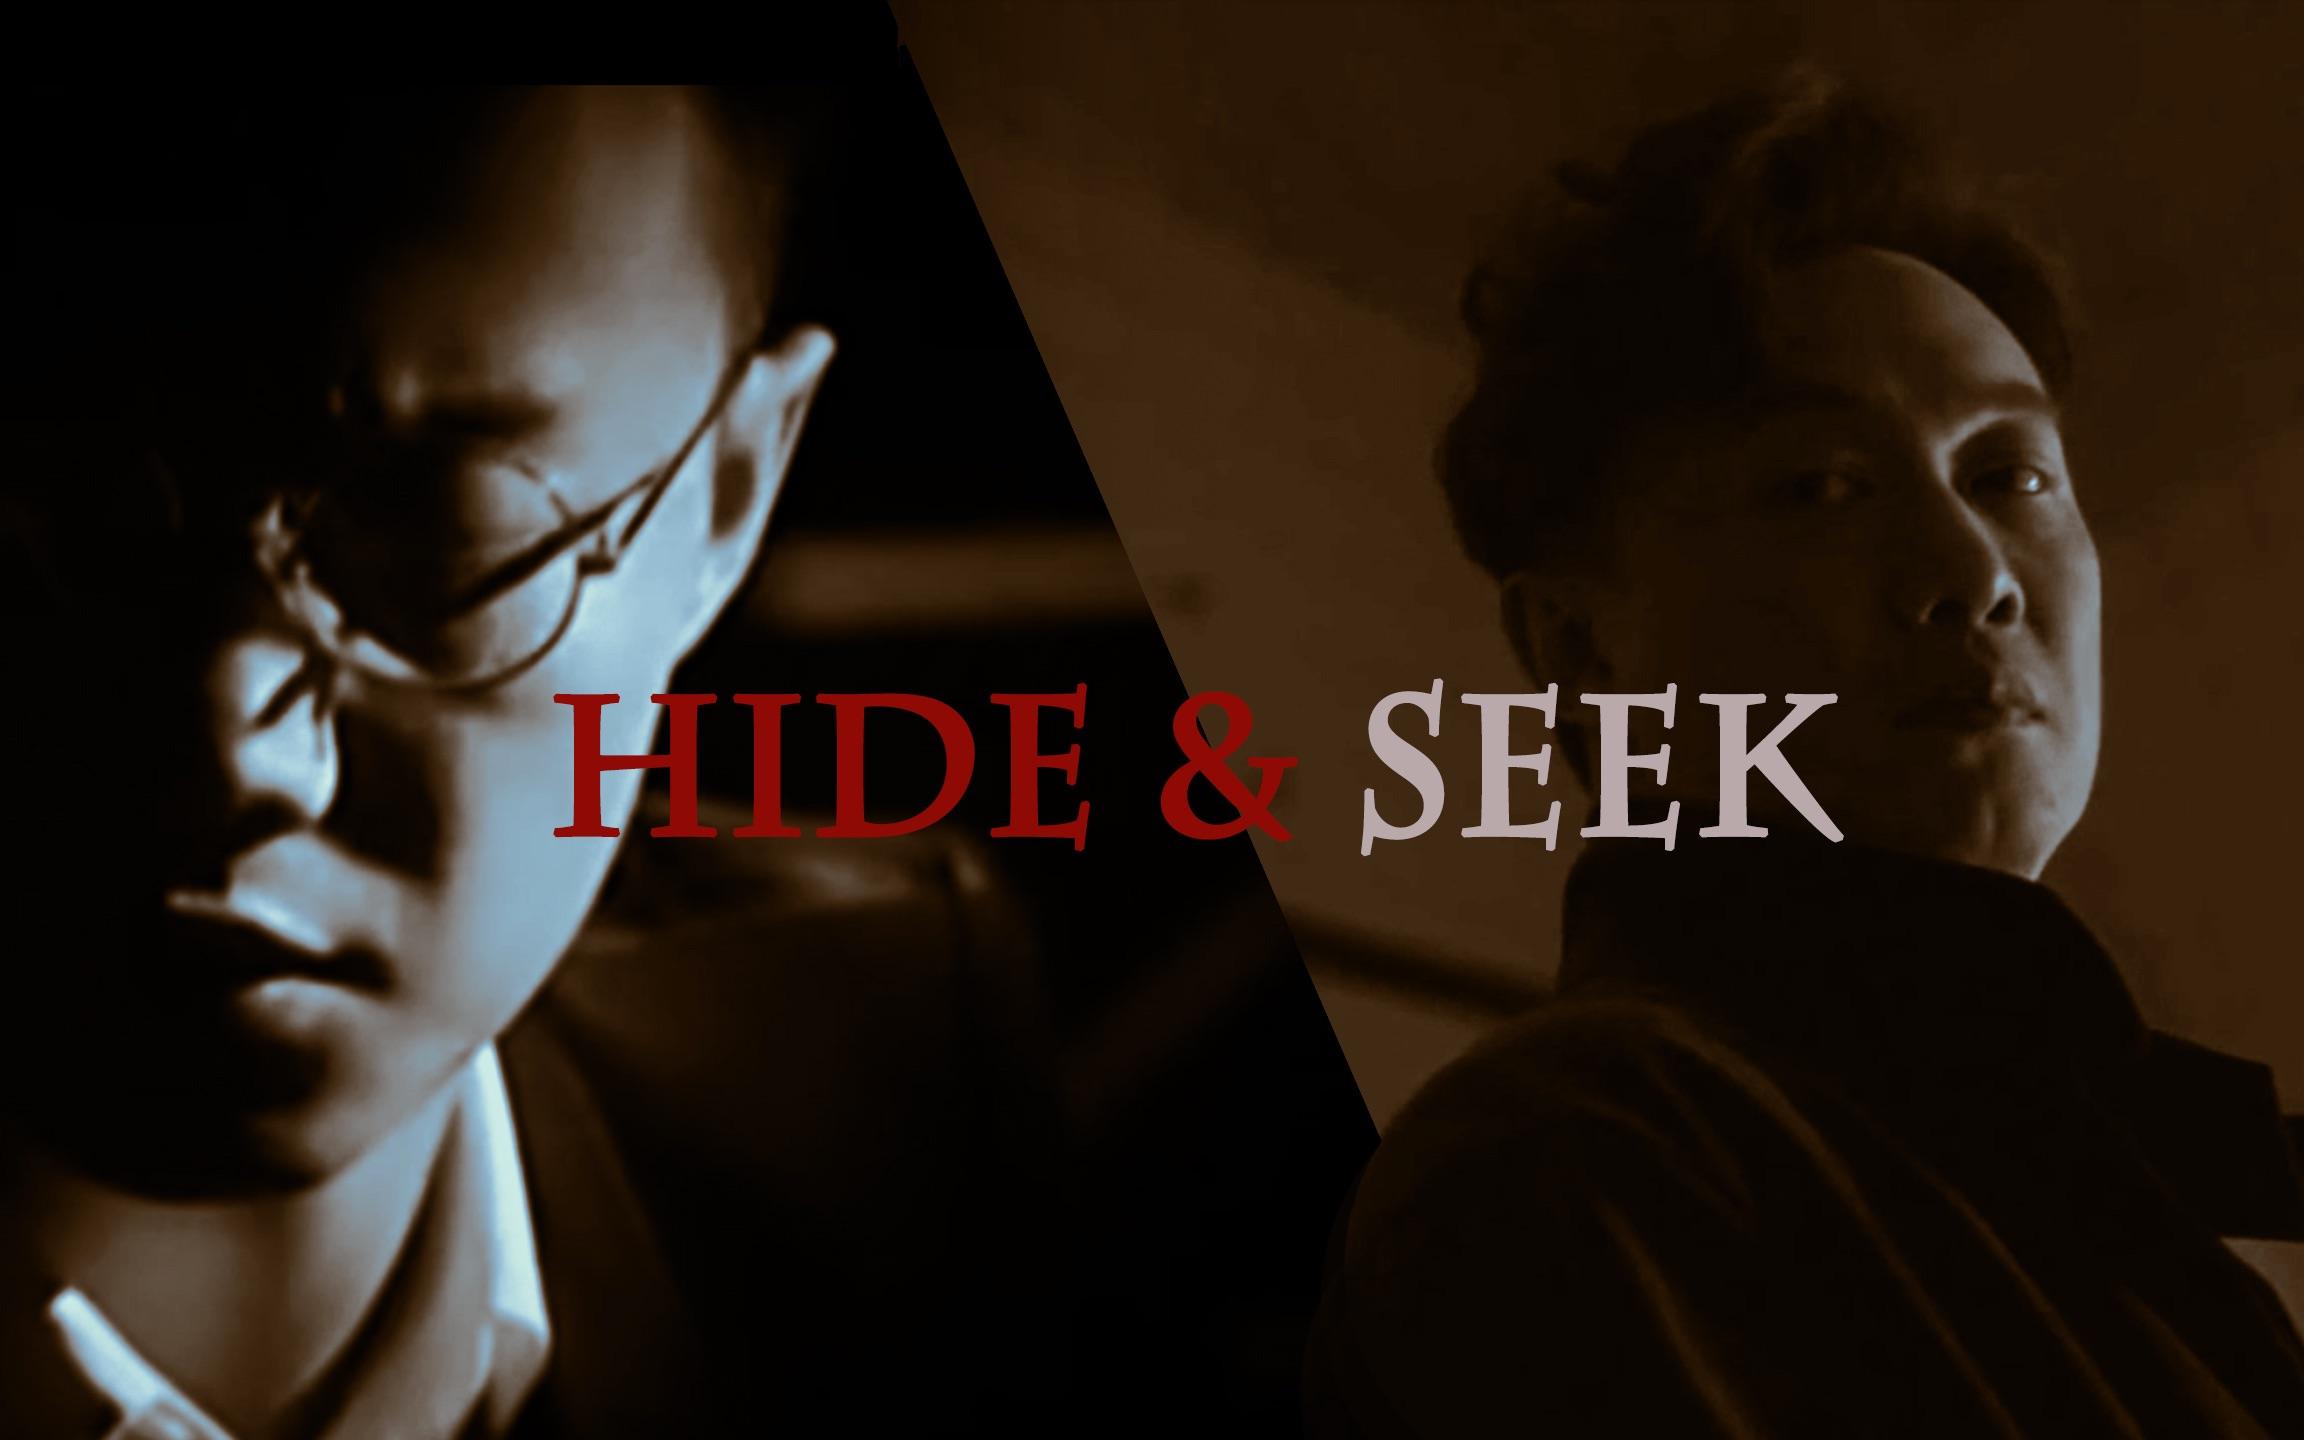 【陈奕迅】【暗黑系水仙】Hide and Seek